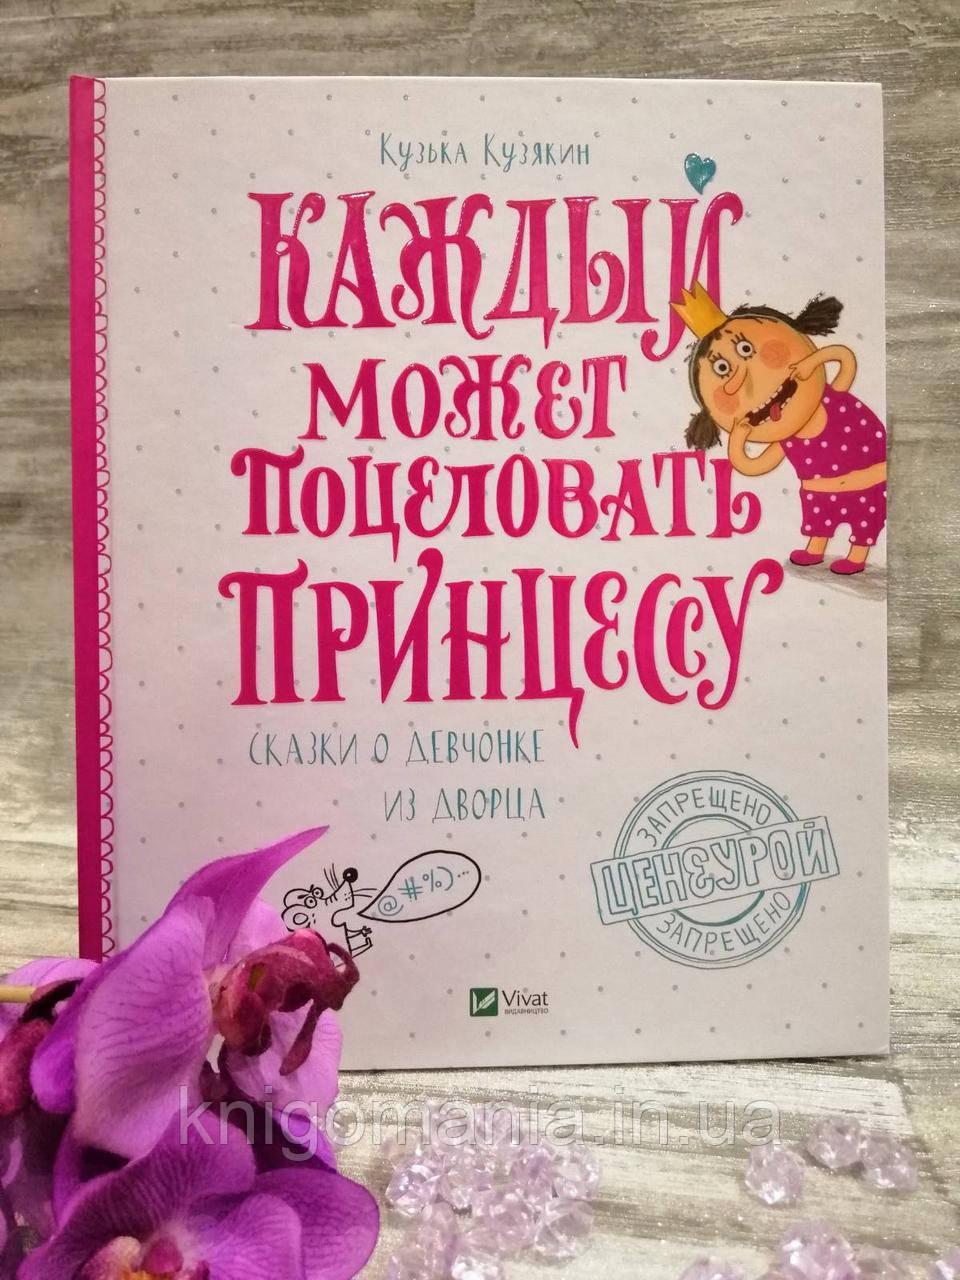 Каждый может поцеловать принцессу. Кузька Кузякин. Сказки о девчонке из дворца.